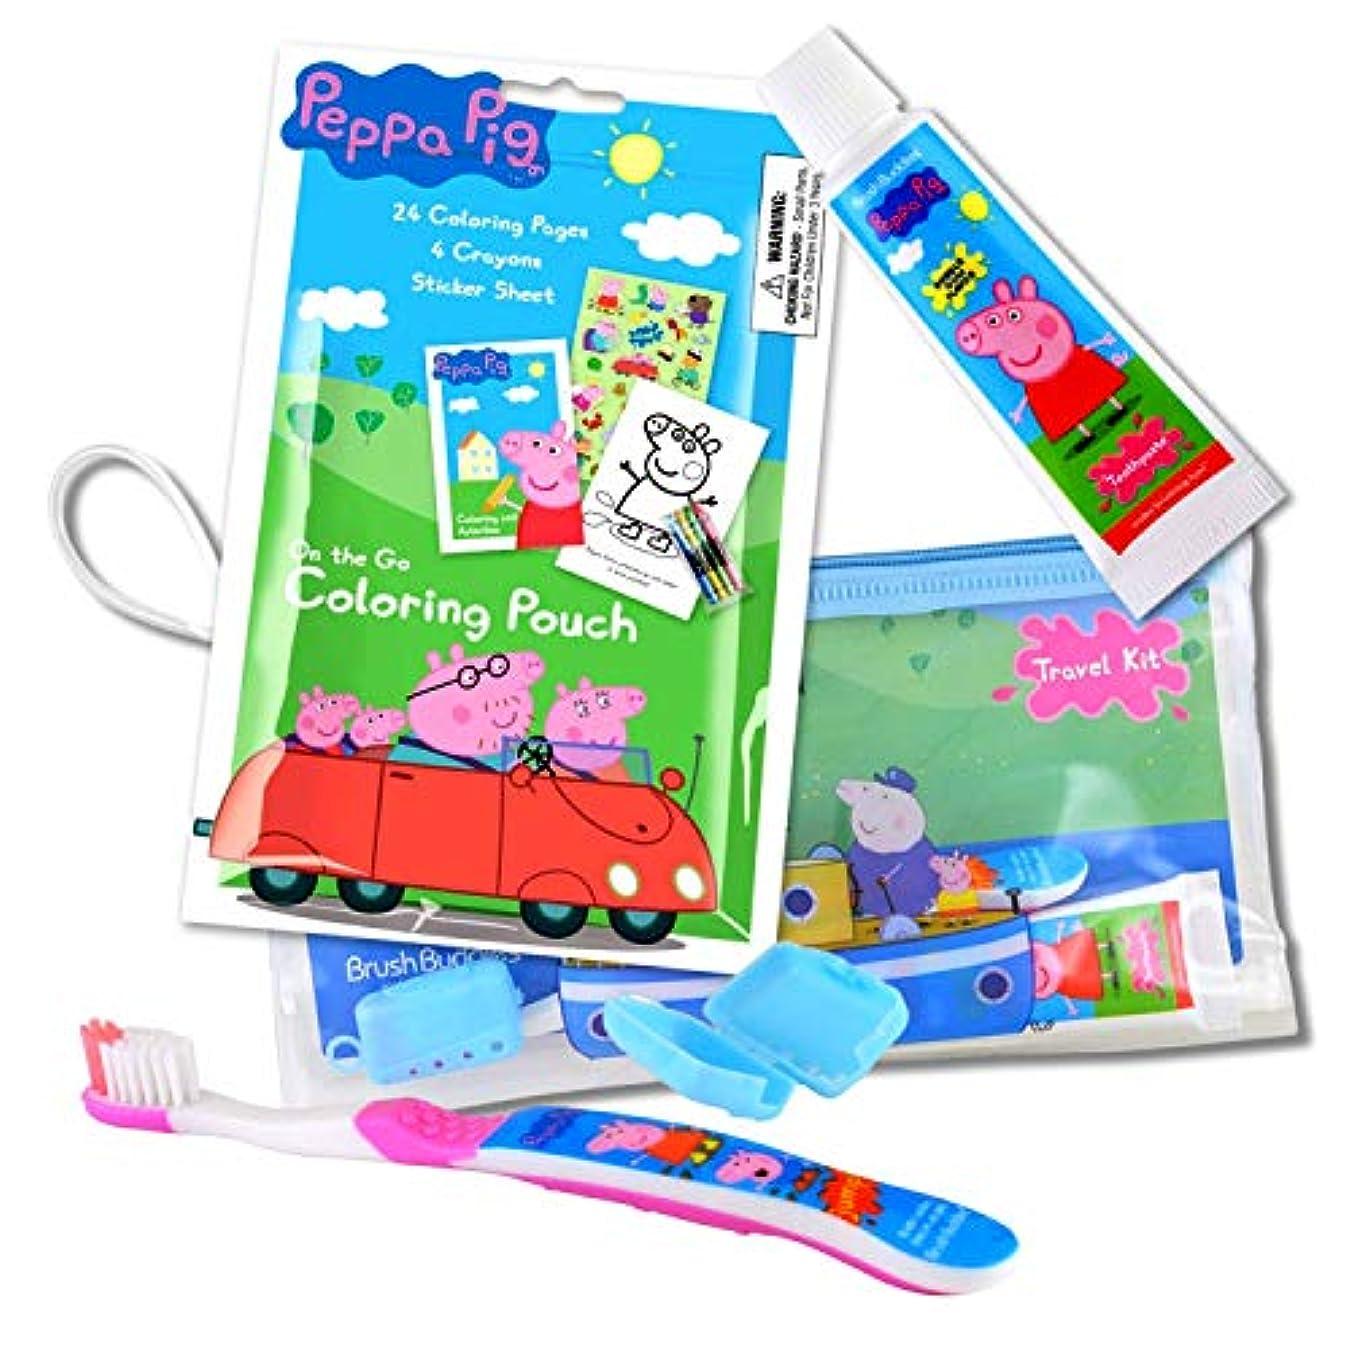 祈る証明書蜜Peppa Pig トラベルキット ペッパ歯ブラシと歯磨き粉 ジッパー付き 再封可能 トラベルバッグ付き ペッパピッグアクティビティセット クレヨン、ステッカー、ミニカラーリングブック付き